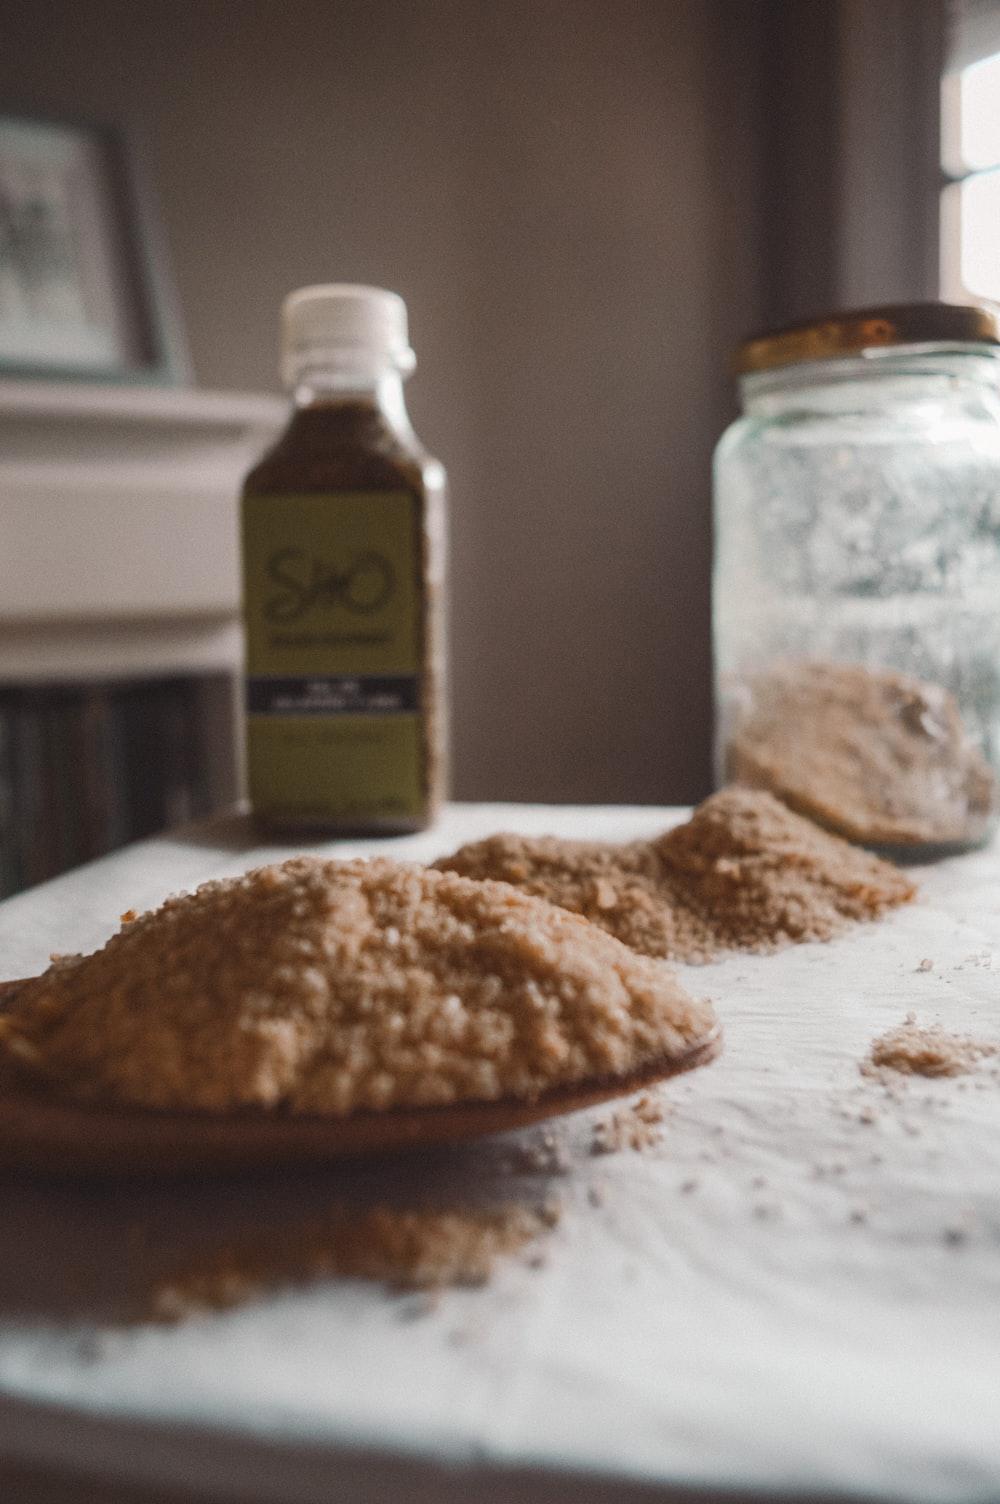 tesco garlic powder on white table